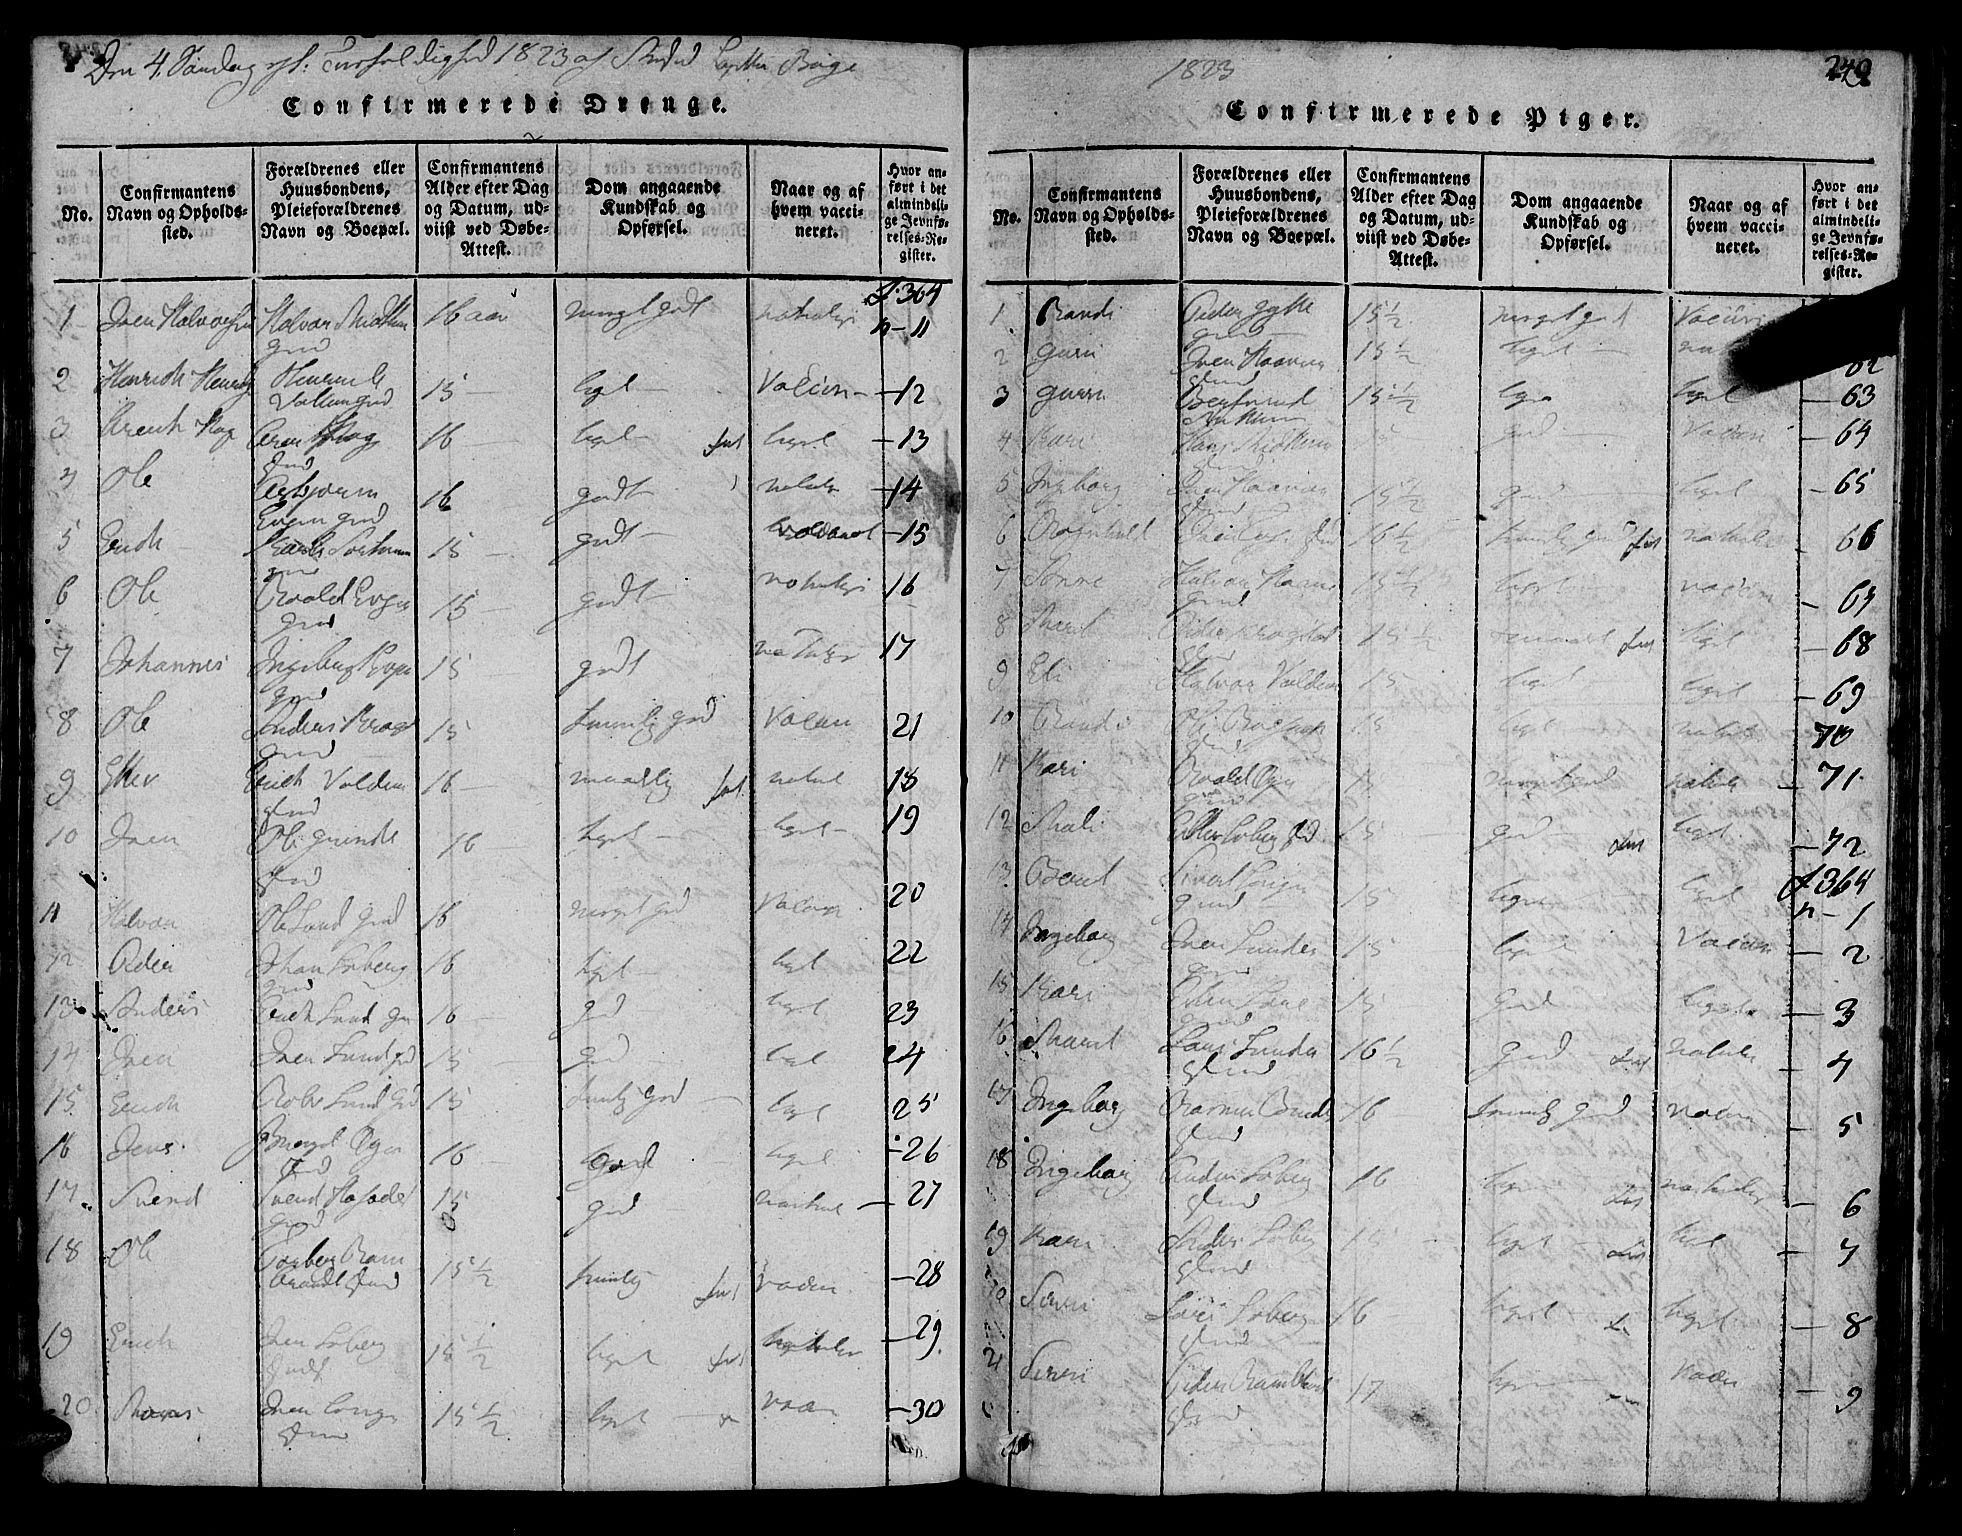 SAT, Ministerialprotokoller, klokkerbøker og fødselsregistre - Sør-Trøndelag, 692/L1102: Ministerialbok nr. 692A02, 1816-1842, s. 249